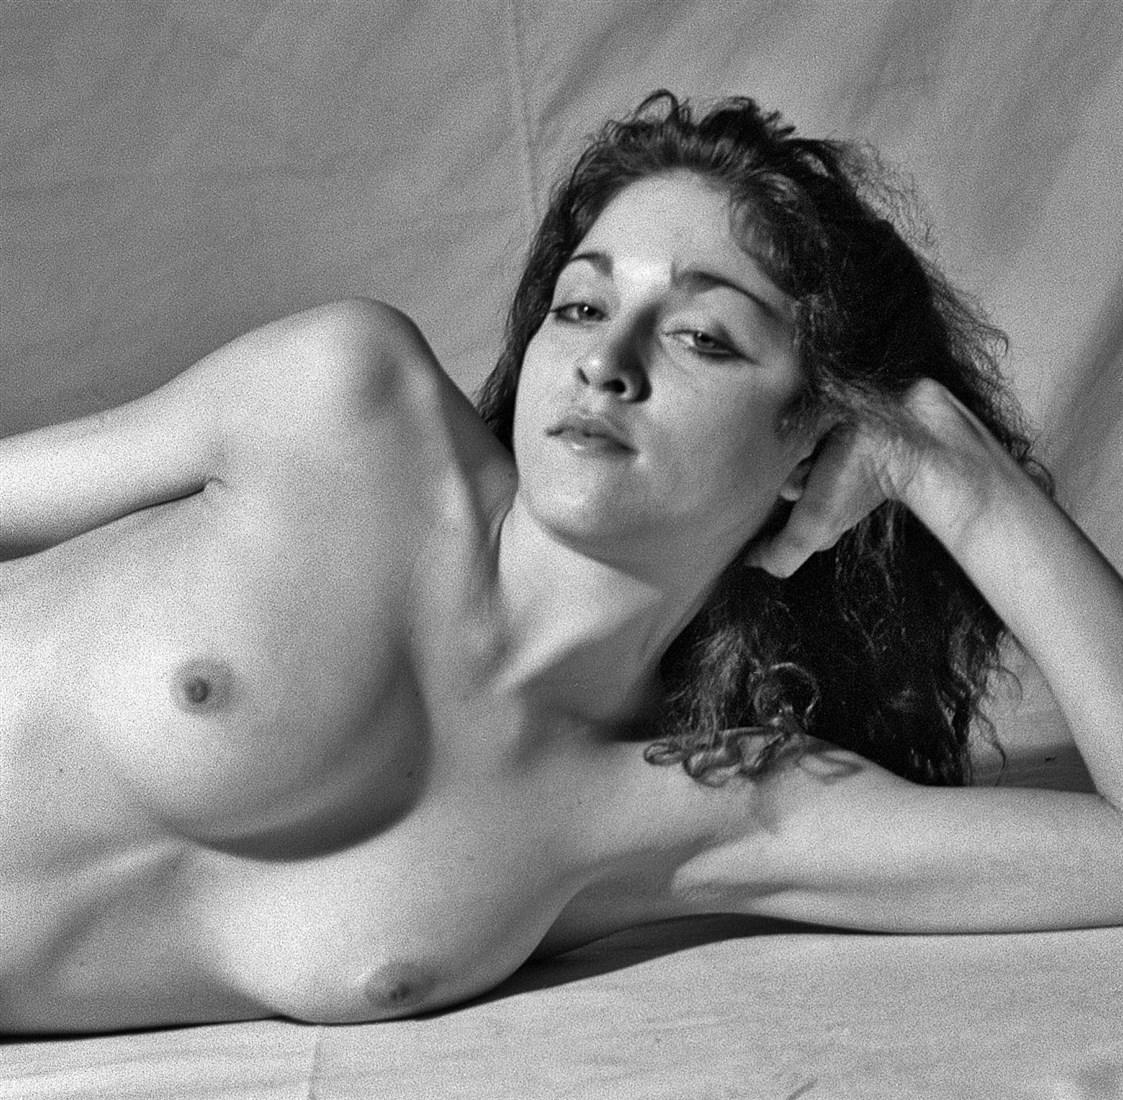 Madonna nude sex tape